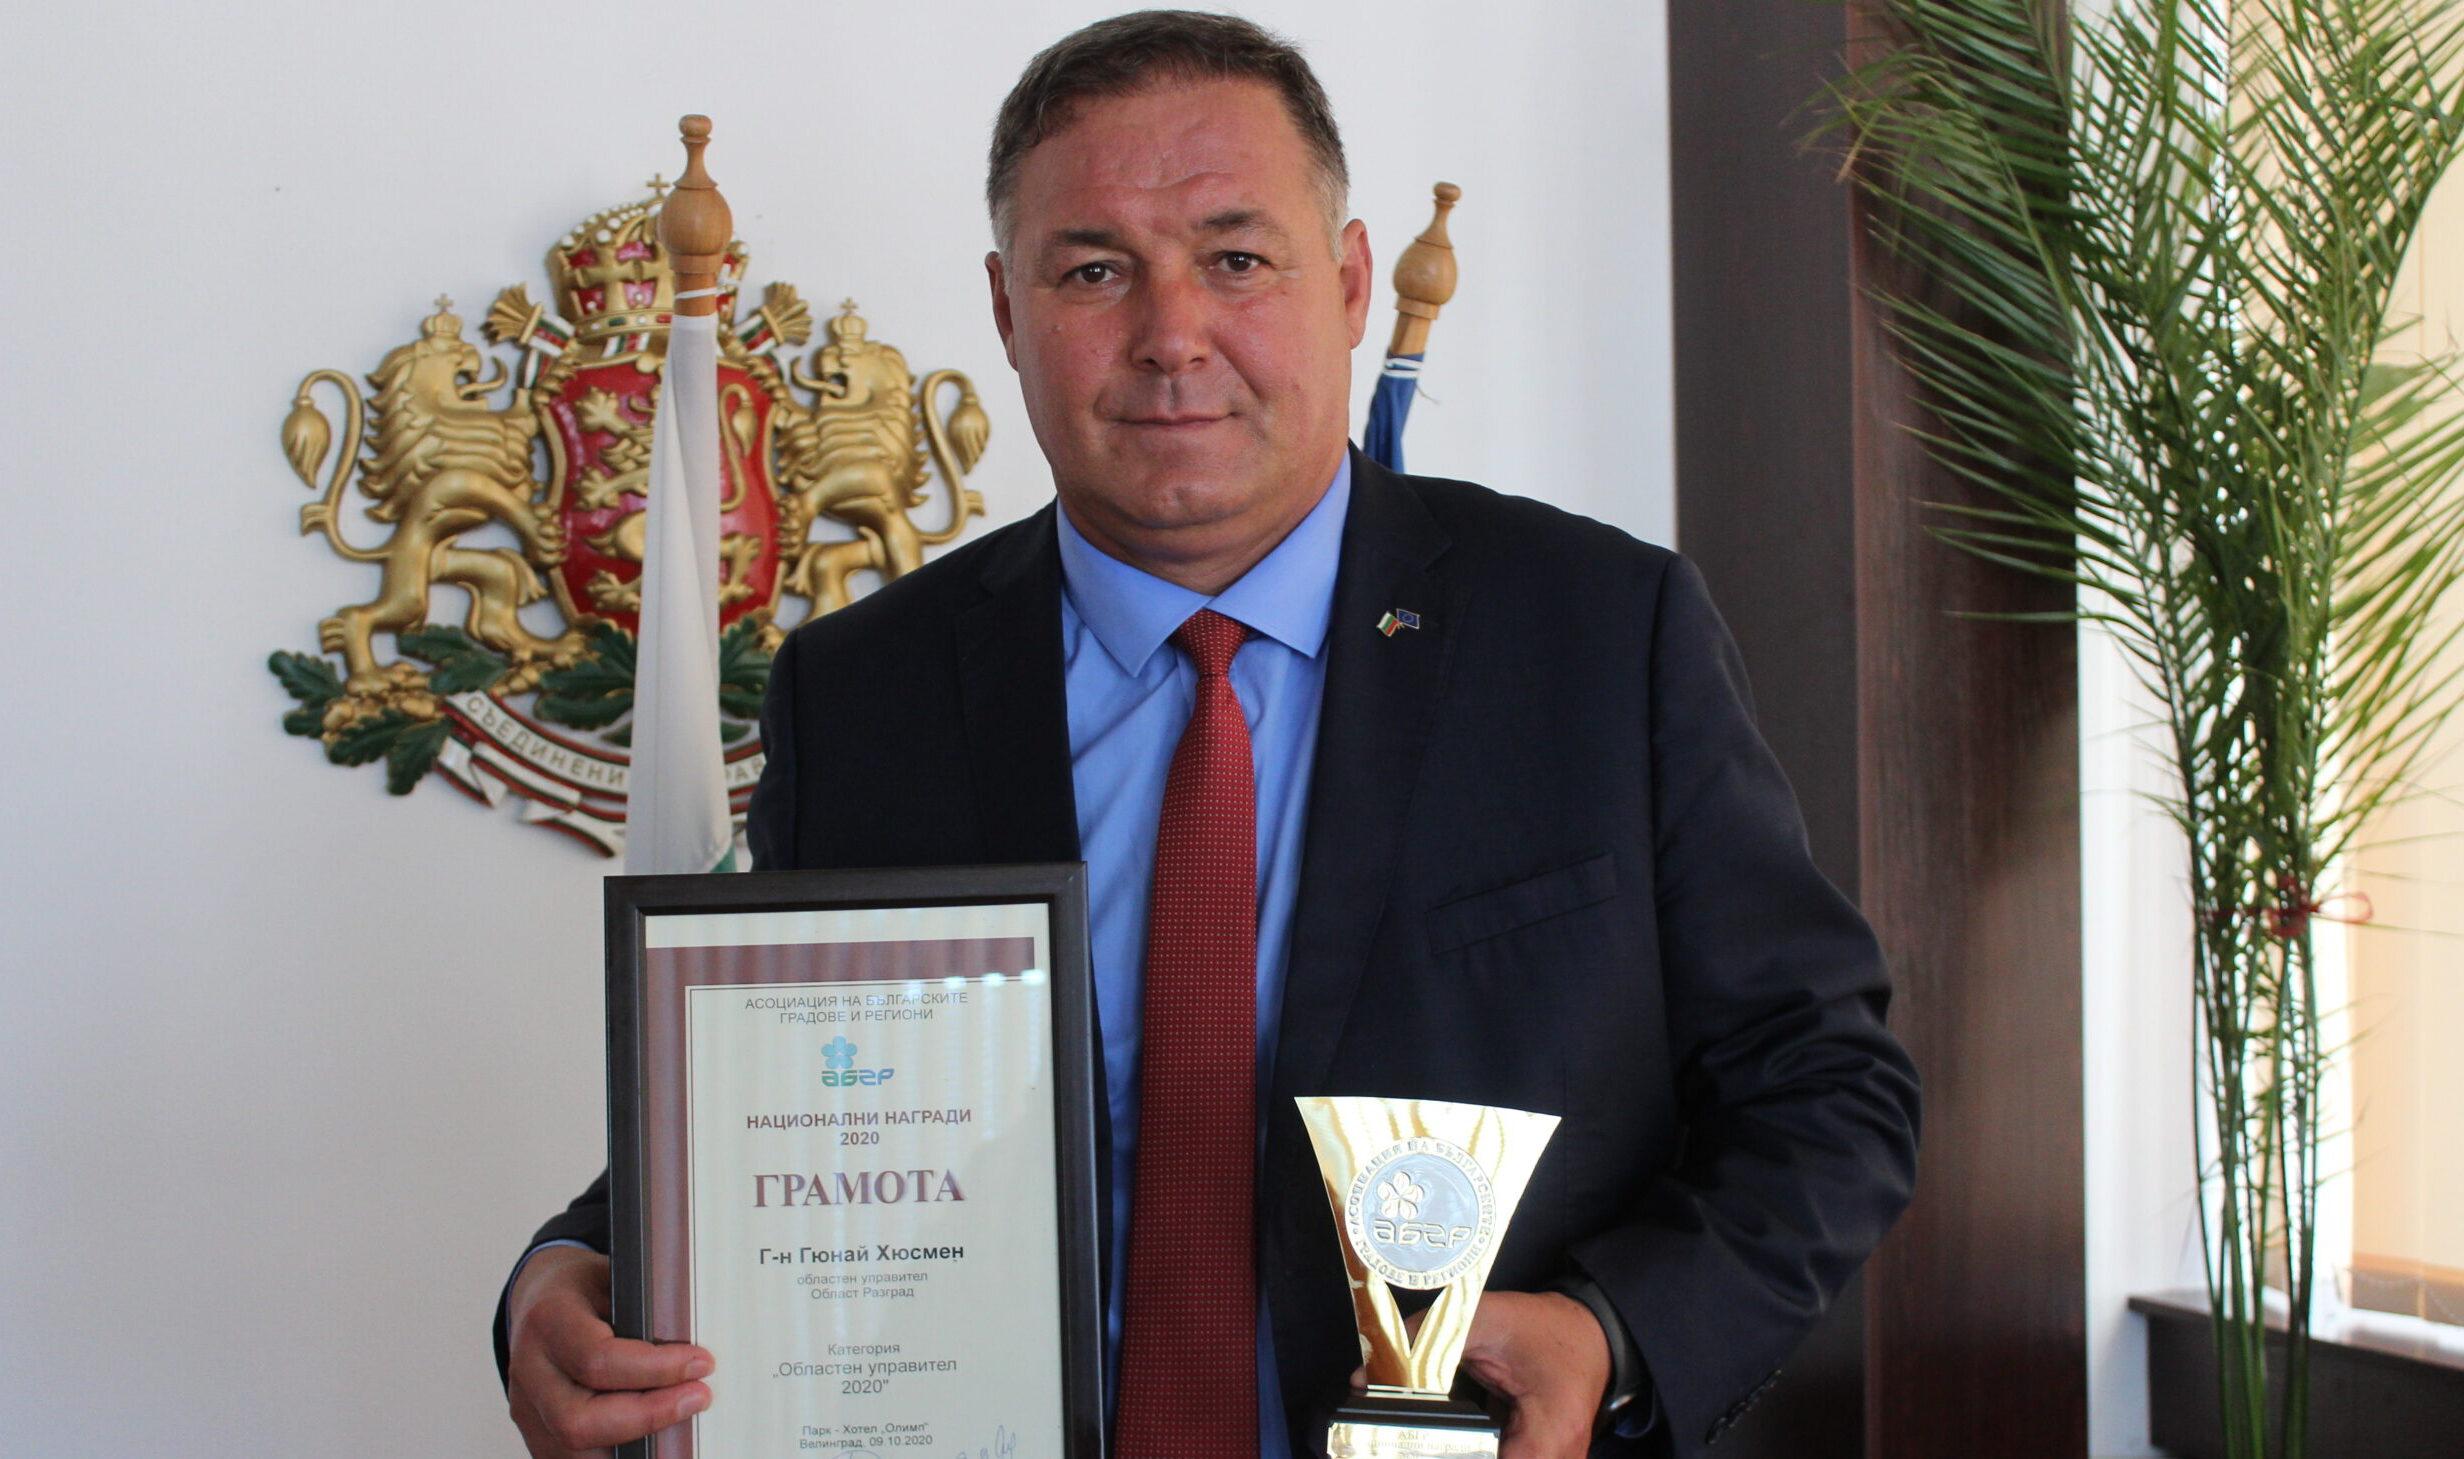 Гюнай Хюсмен е областен управител на годината